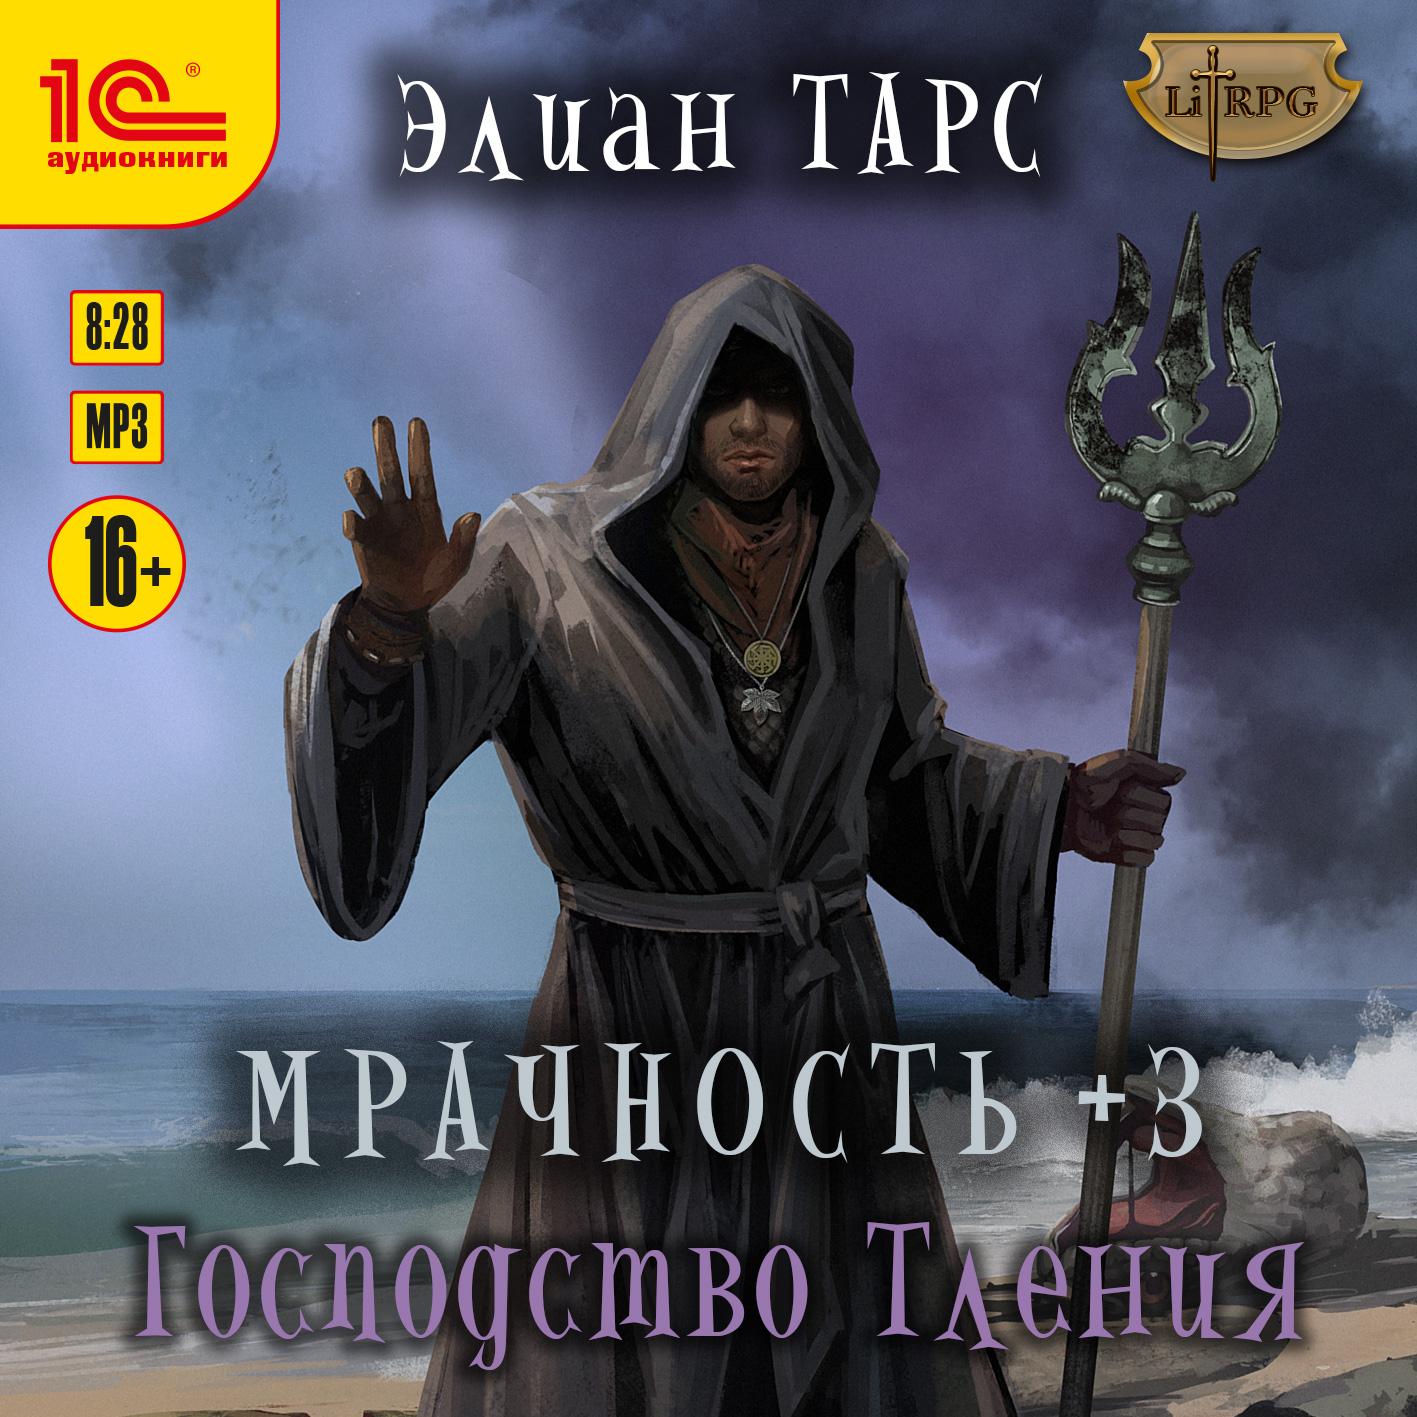 Элиан Тарс Мрачность +3: Господство Тления (цифровая версия) (Цифровая версия) элиан тарс бастард рода демонов 2 стражи